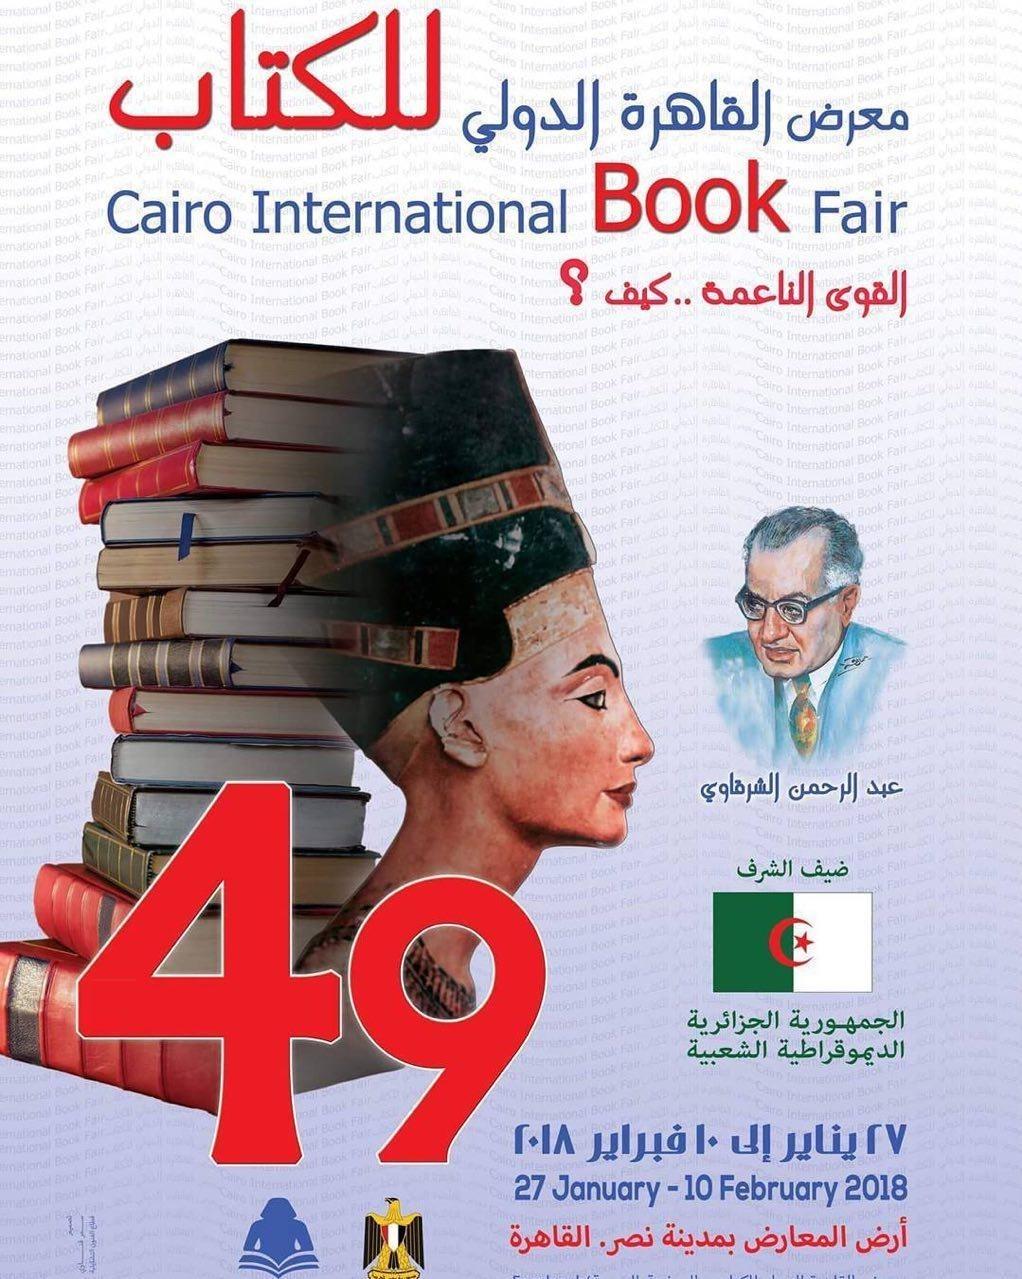 معرض القاهرة الدولي للكتاب.. الفخامة للأزهر والخيام للناشرين